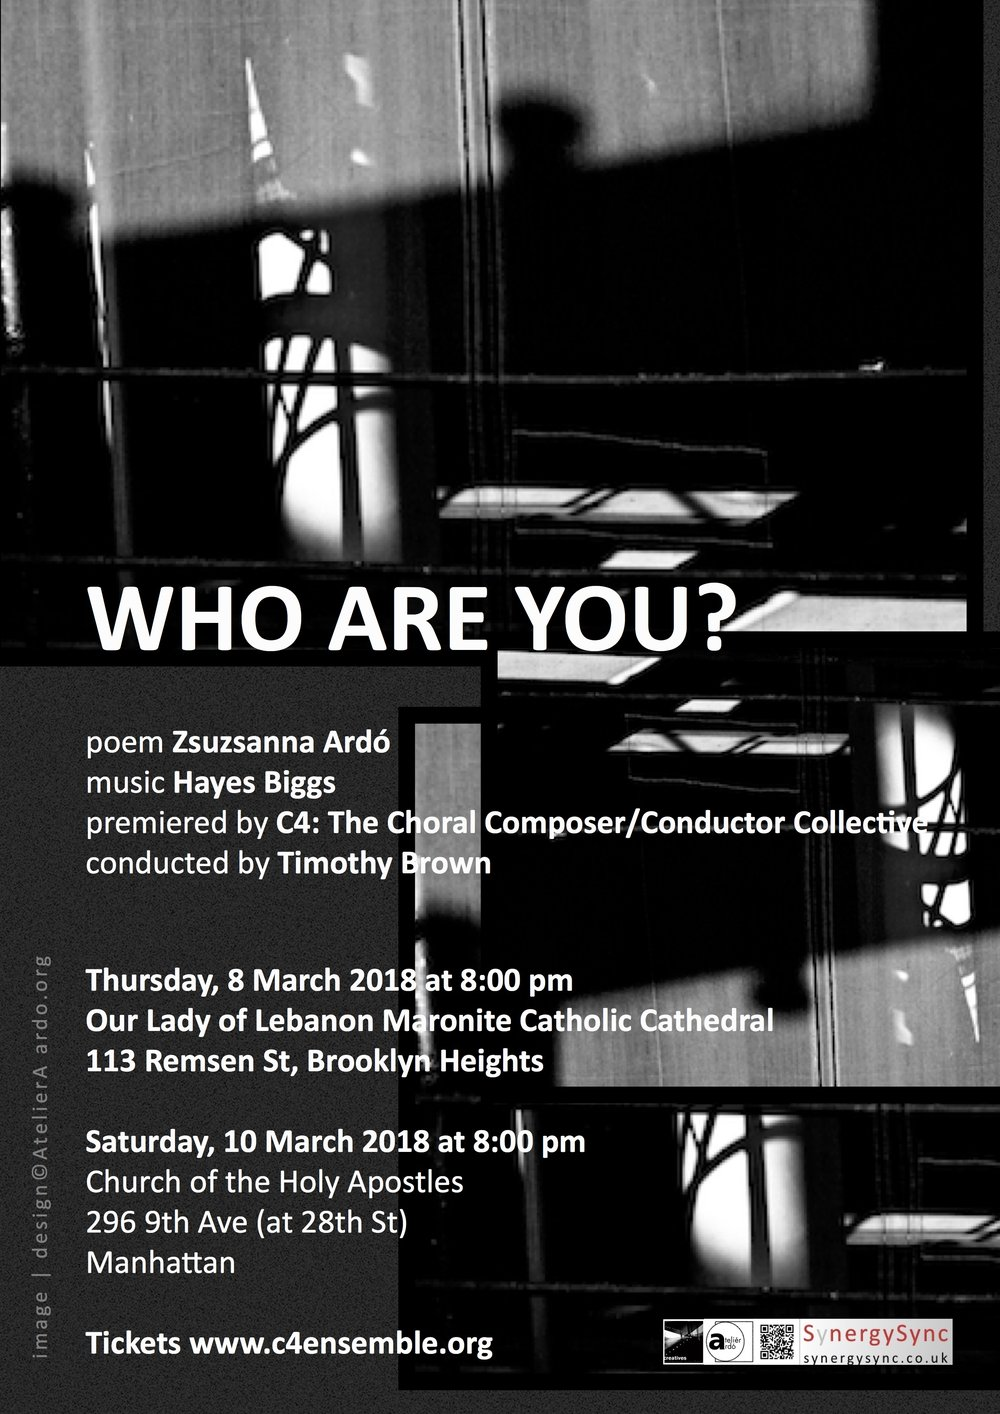 18 US NY C4 Who are you? poster©Zsuzsanna Ardo.jpg